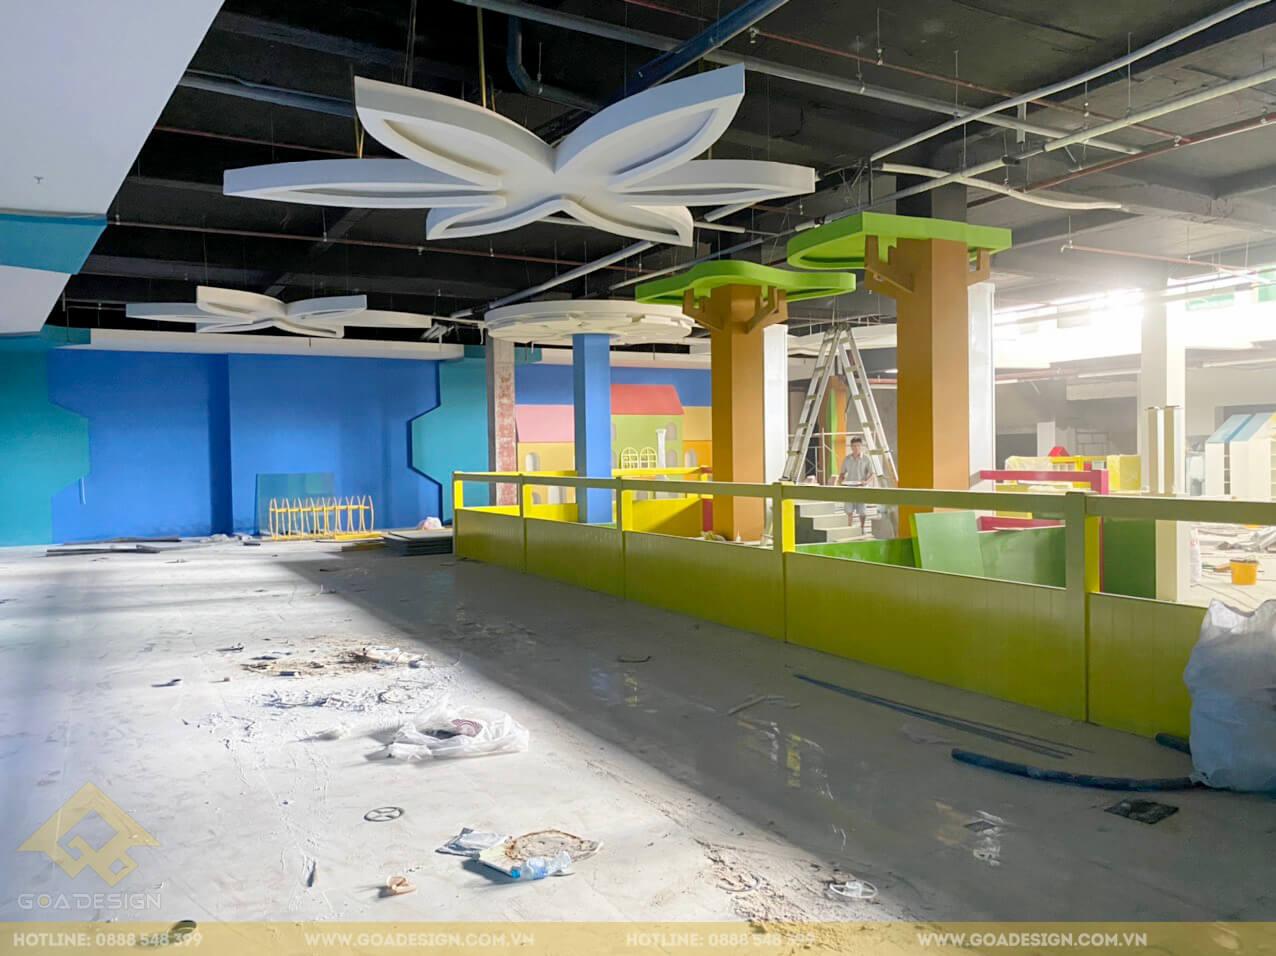 GOADESIGN-Thiết kế thi công khu vui chơi trẻ em (23)